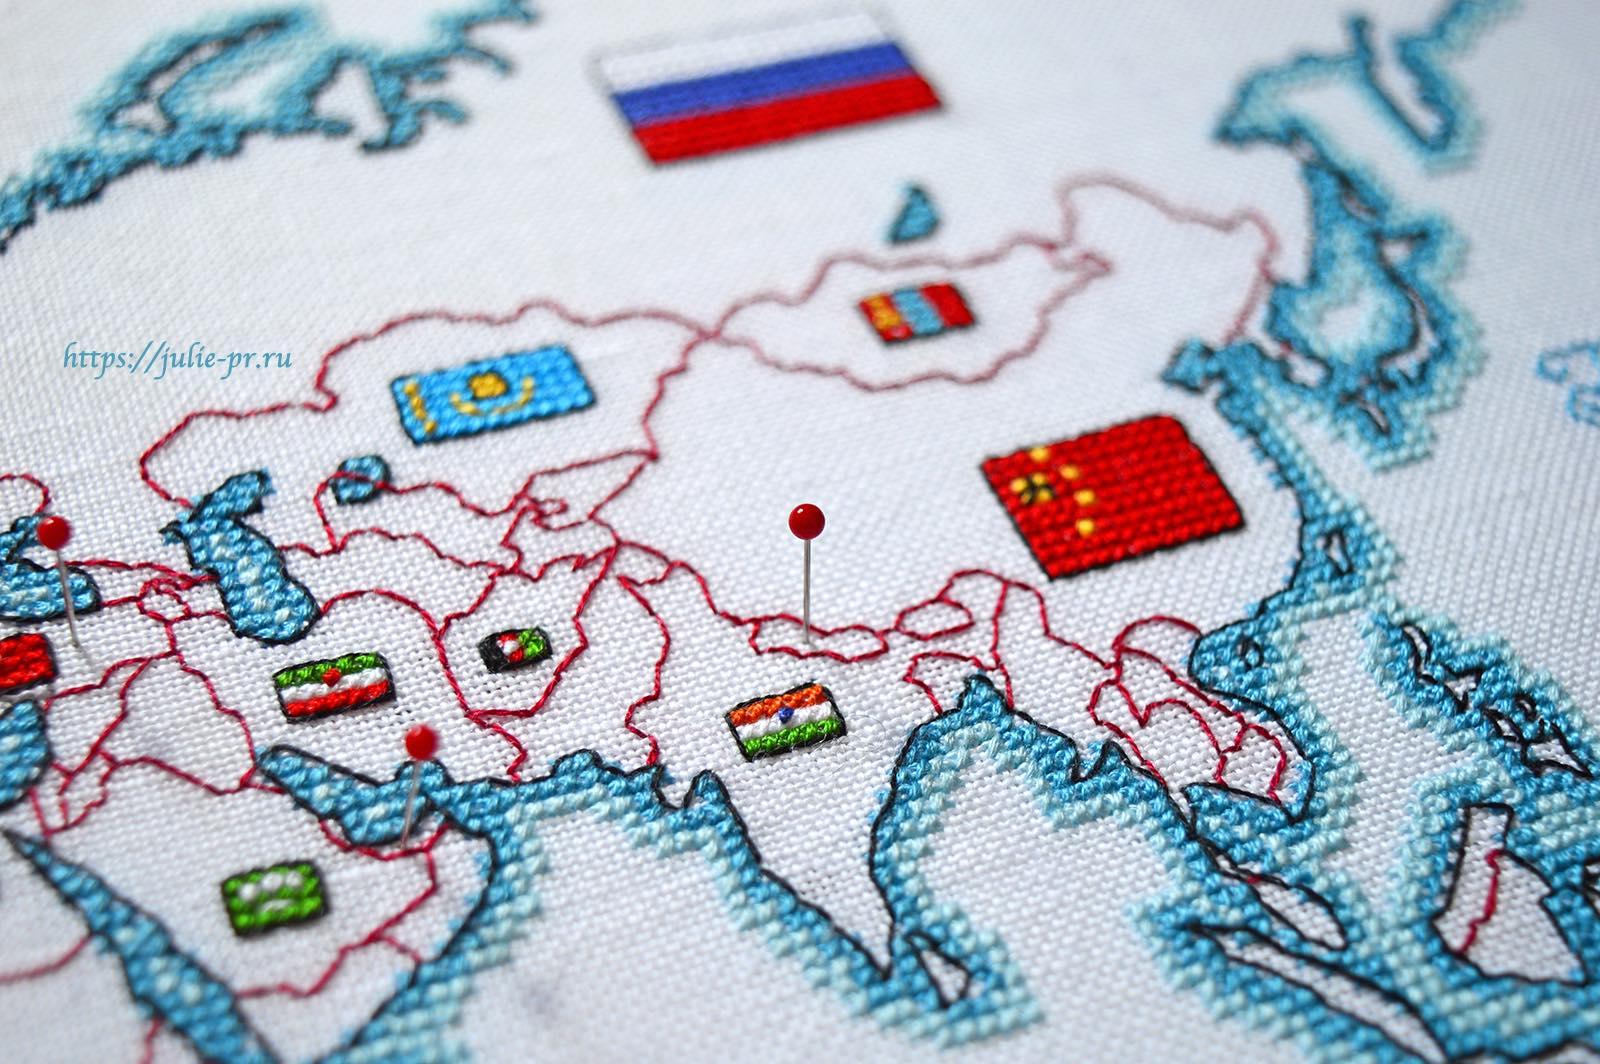 Вышивка крестом DMC K3413 DMC K3413 - Oceania collection, Карта мира. Азия, Непал